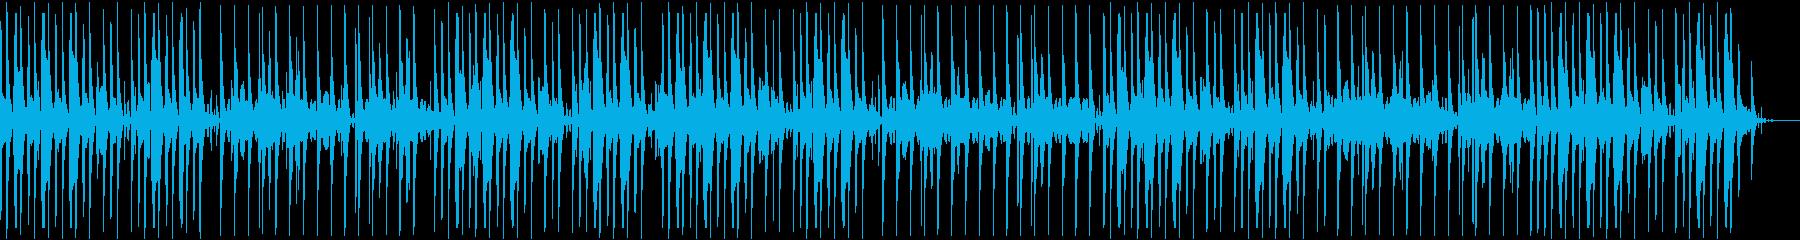 暗めのボイパの再生済みの波形